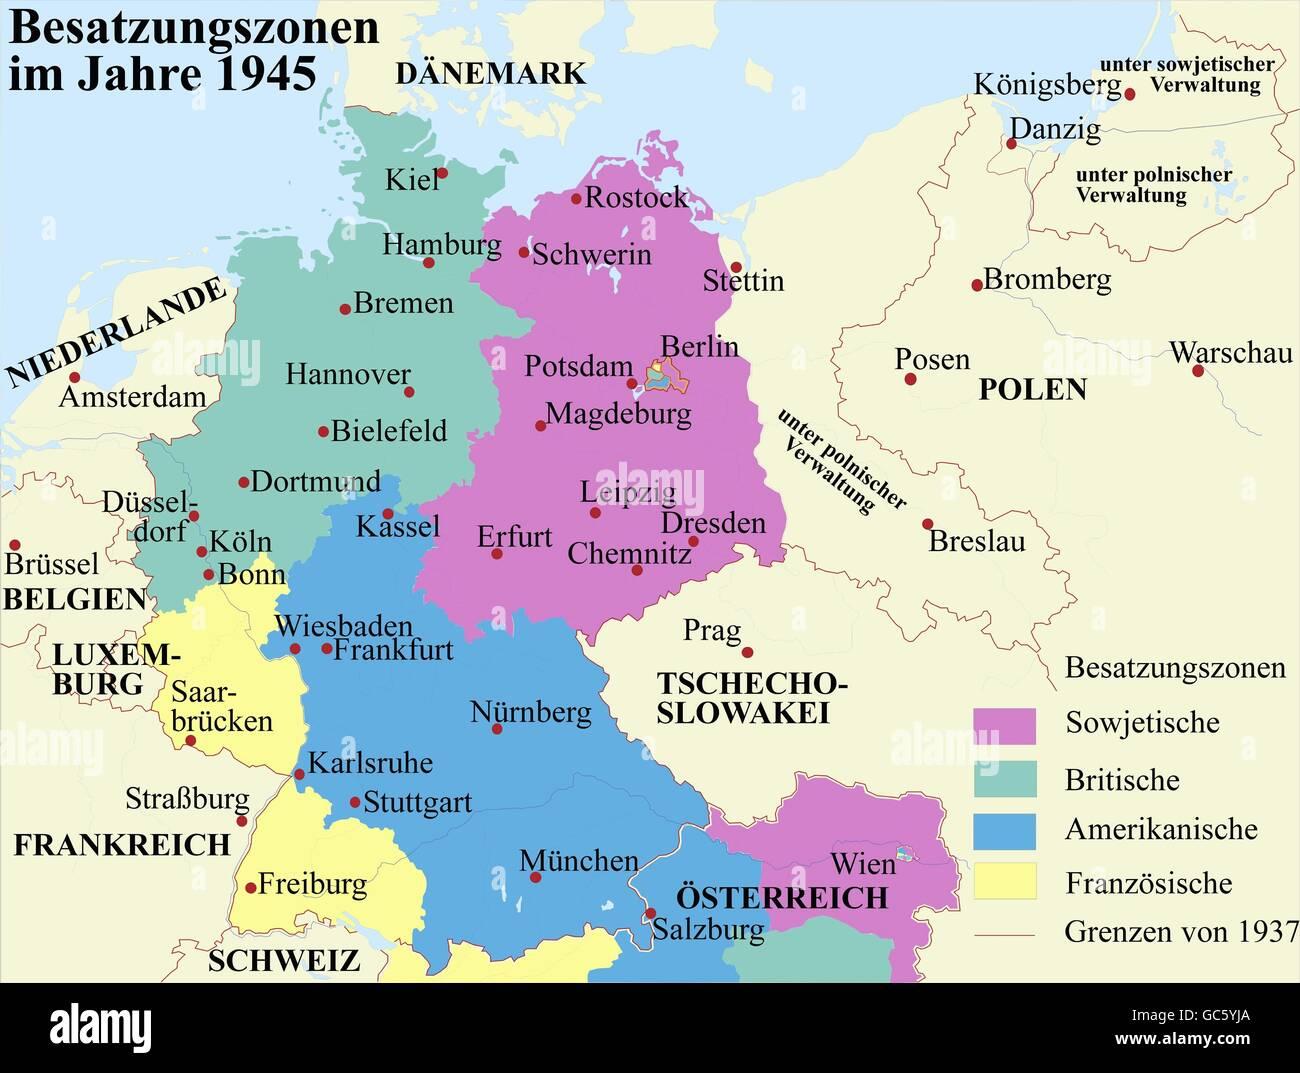 Carte Allemagne Apres Guerre.La Cartographie Cartes Historiques L Epoque Moderne L Allemagne